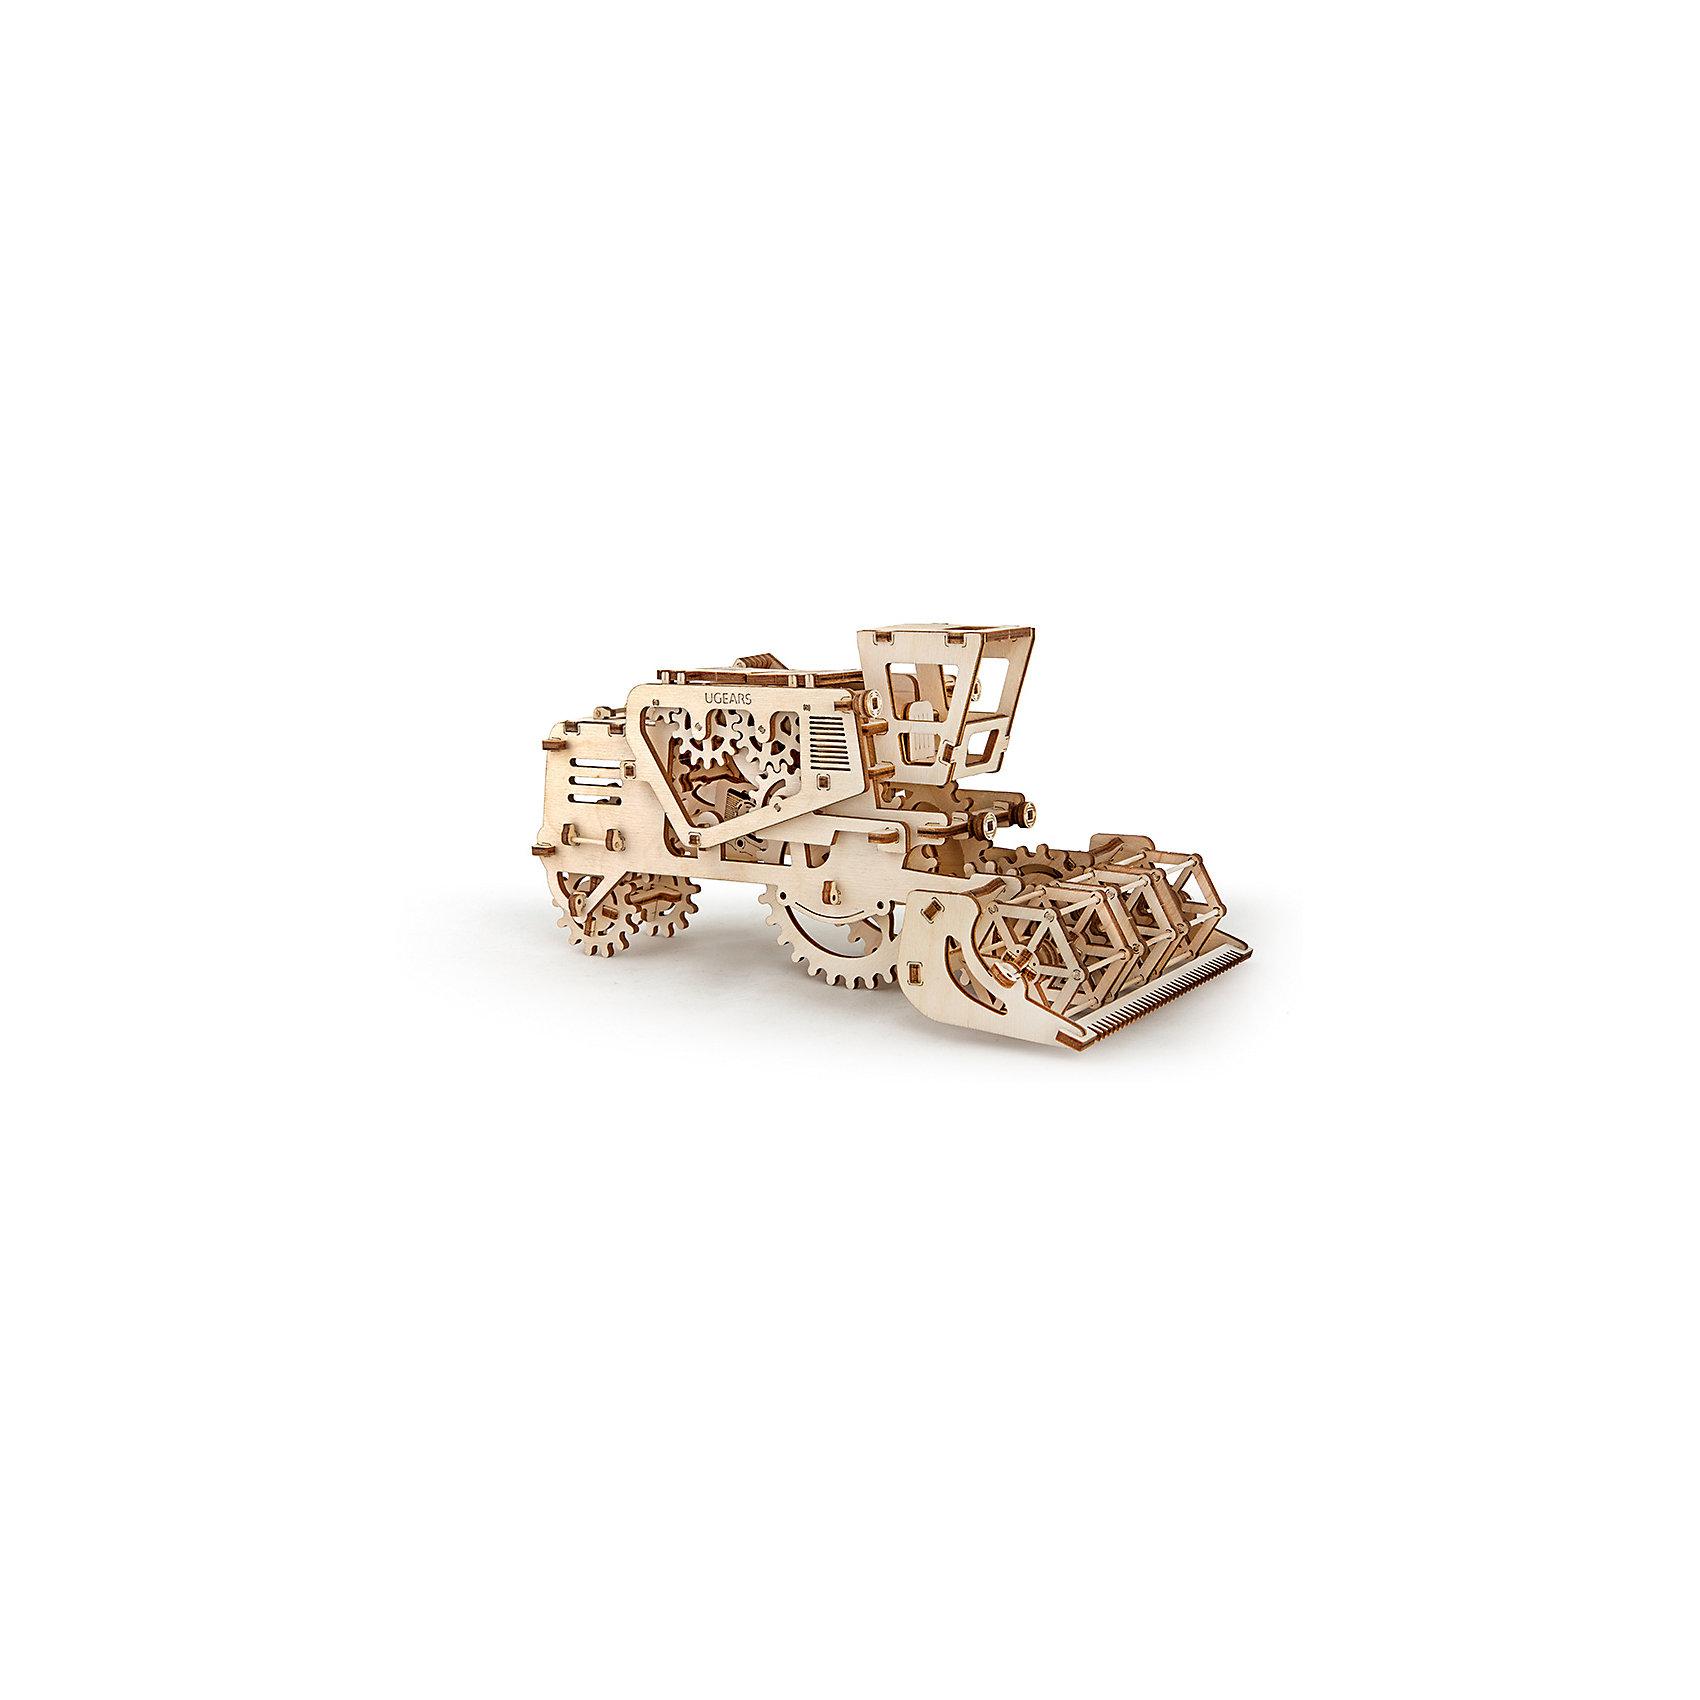 Комбайн, UGEARSДеревянные конструкторы<br>Зерноуборочный комбайн UGEARS это модель, которая порадует разнообразной механикой. При движении комбайна, спереди, как и в реальном прототипе вращается мотовило. Модель имеет встроенную секретную  коробочку. Она открывается рычагом, который находится слева от кабины. Комбайн заводится простым движением назад или вращением большого колеса.  С другой стороны от кабины есть рычаг, которым можно застопорить или запустить комбайн. Работает комбайн на резиномоторе.<br>Модель для самостоятельной сборки без клея.<br><br>Размер модели: 274*165*133мм<br>Размер упаковки: 37*17*3см<br>Количество деталей: 154<br>Расчетное время сборки: 2-3 часа<br><br>Ширина мм: 375<br>Глубина мм: 170<br>Высота мм: 30<br>Вес г: 681<br>Возраст от месяцев: 168<br>Возраст до месяцев: 192<br>Пол: Унисекс<br>Возраст: Детский<br>SKU: 5226404